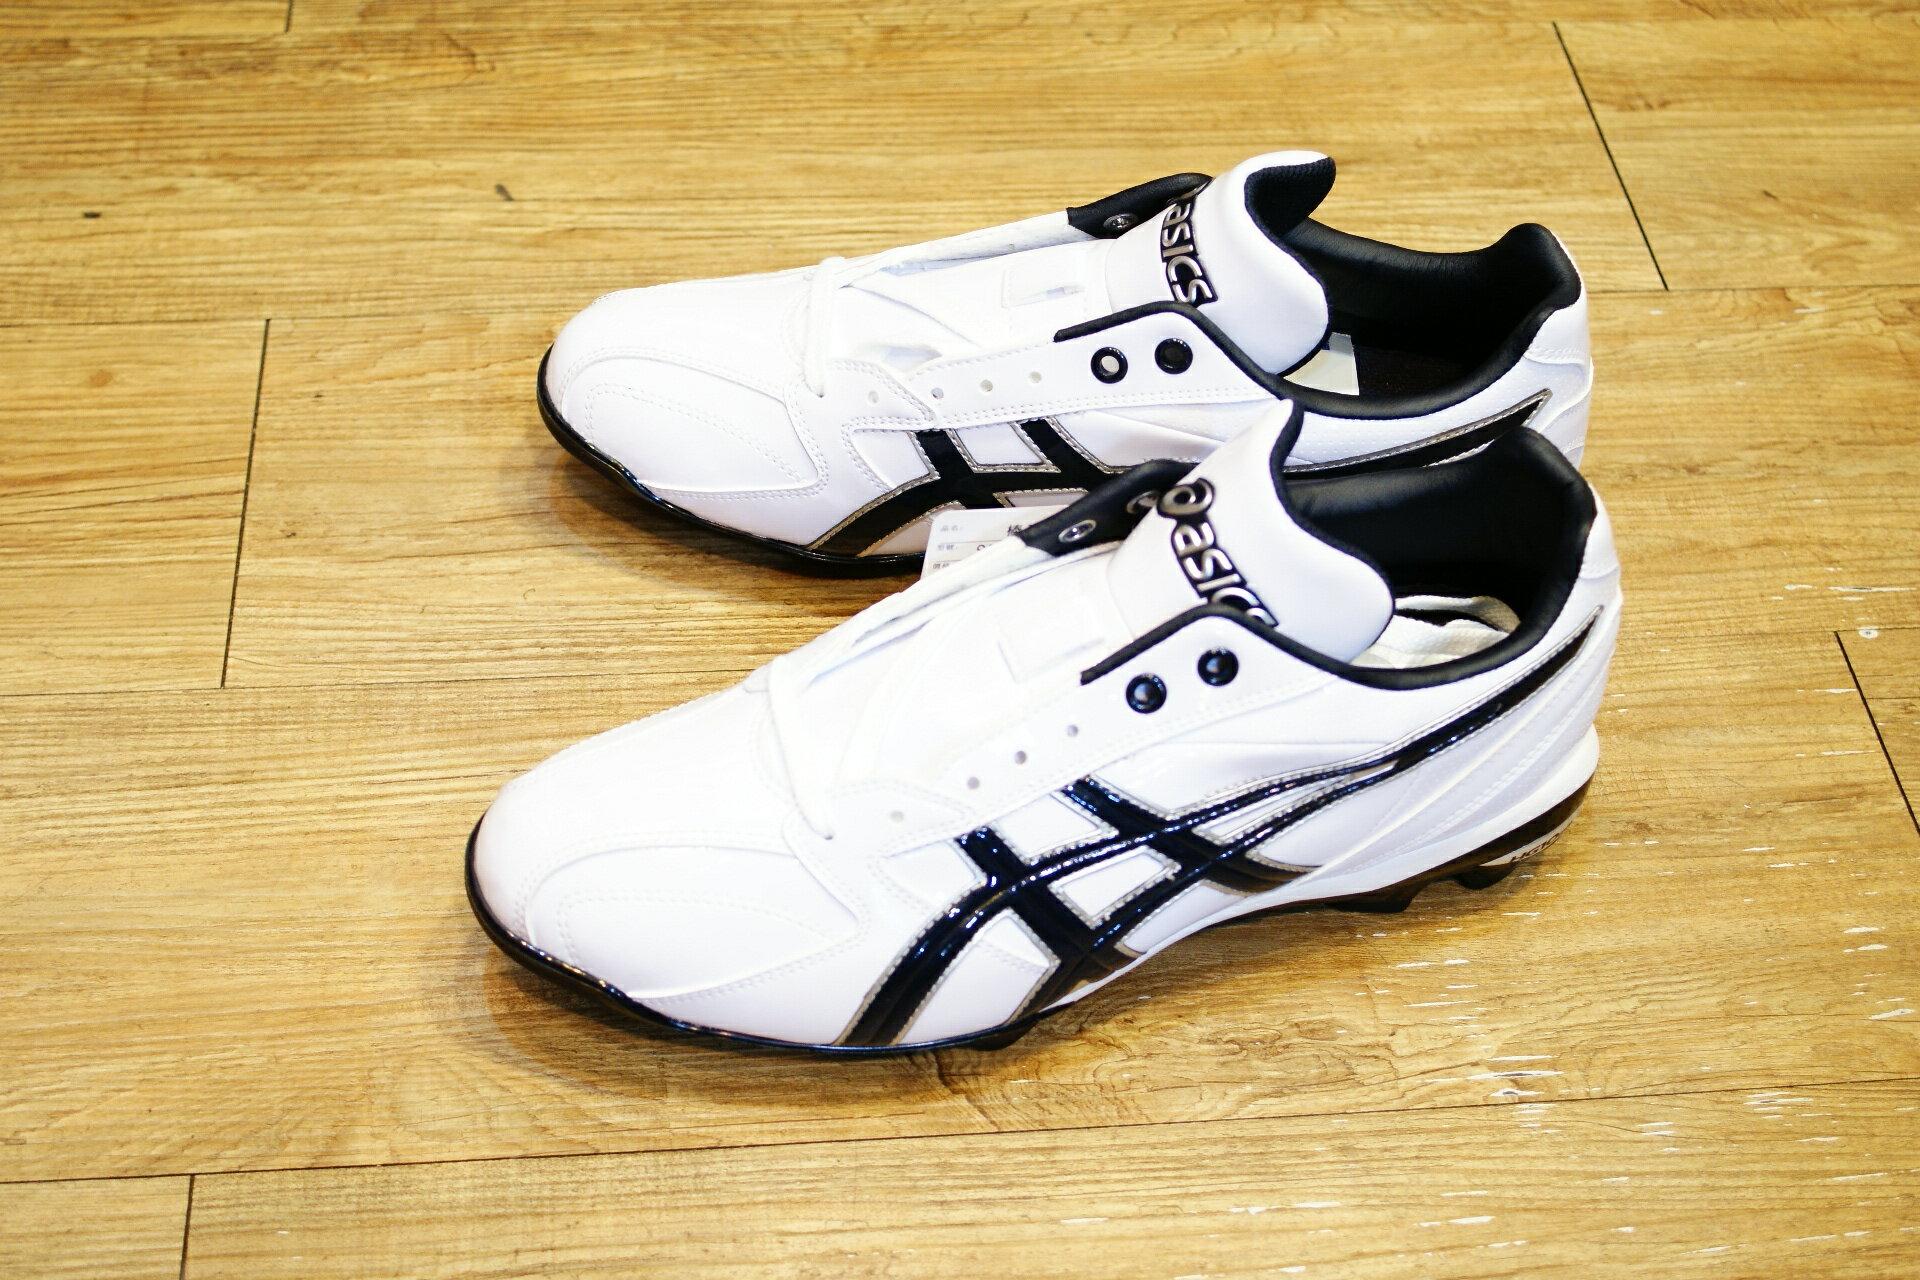 棒球世界 全新ASICS 輕量化 棒.壘球膠釘鞋 SFP100-0150 特價 白丈青配色